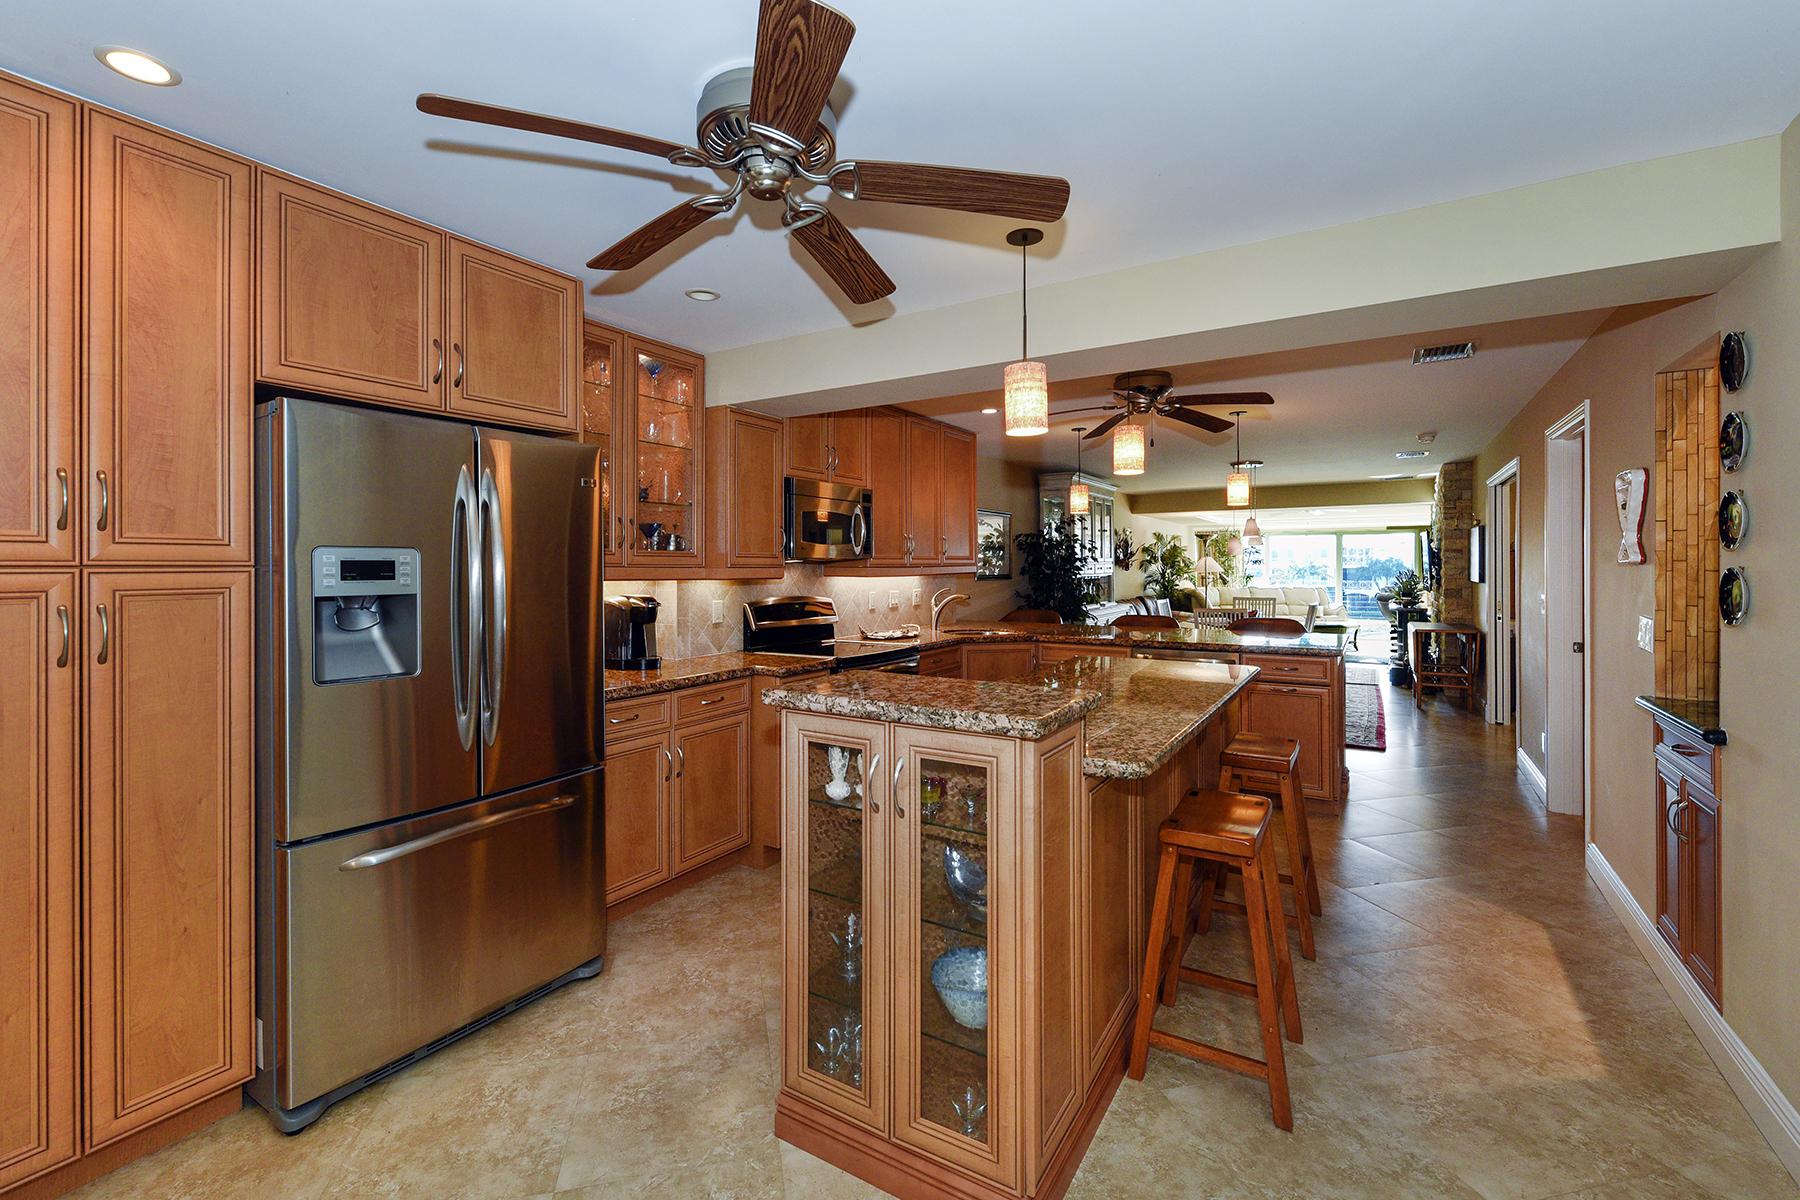 Condominium for Sale at Waterfront Condominium at Ocean Reef 59 Anchor Drive, Unit B Key Largo, Florida, 33037 United States